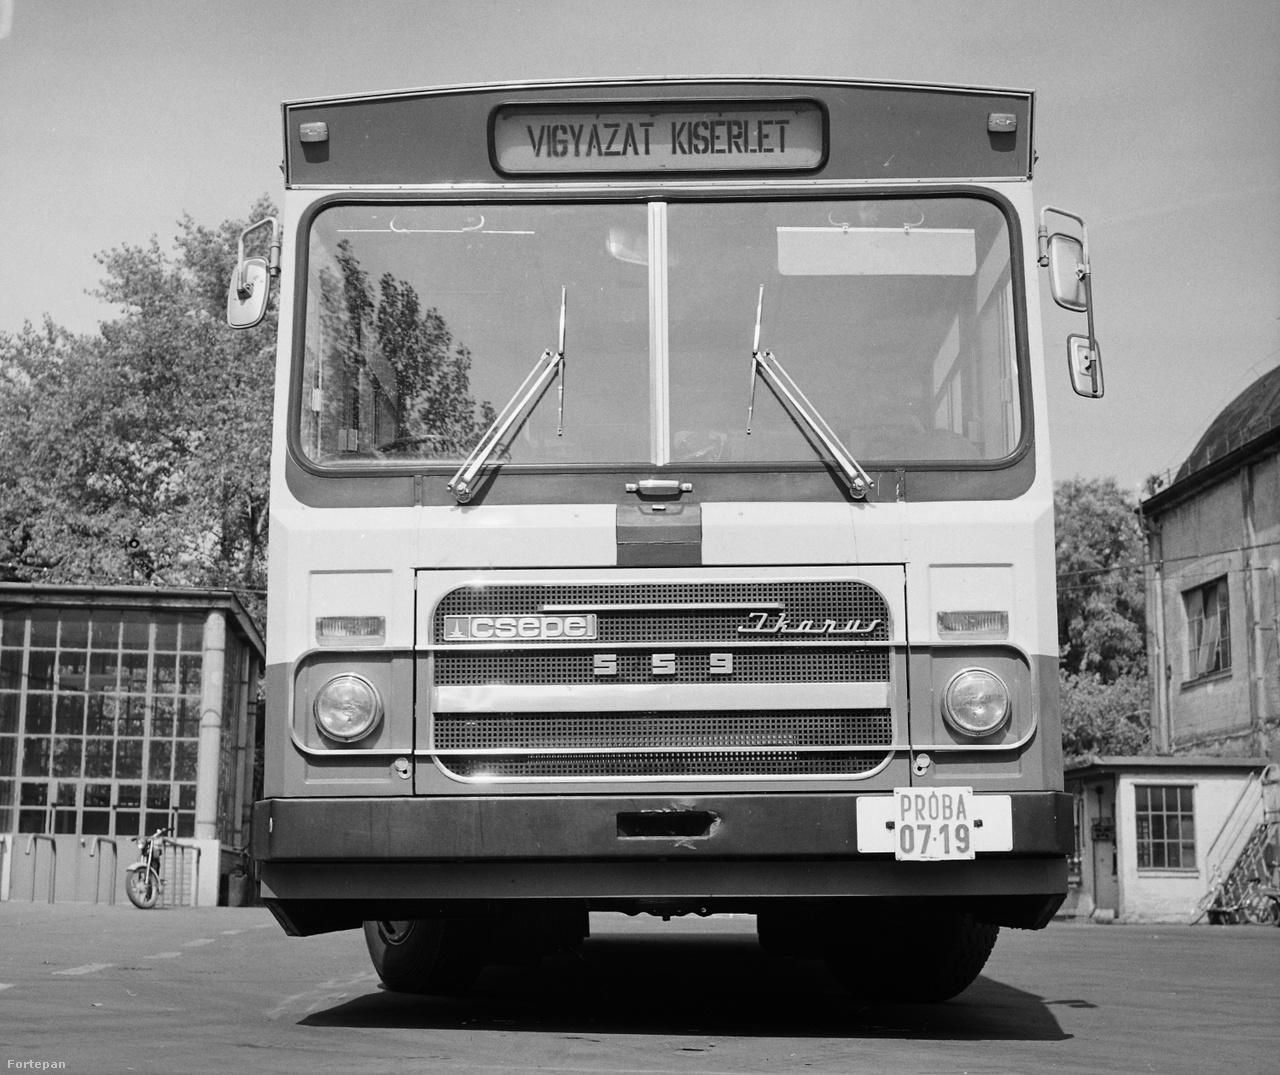 Jobbkormányos, kísérleti Csepel-Ikarus 559 típusú autóbusz a szigetszentmiklósi Csepel Autógyár udvarán, 1977-ben.